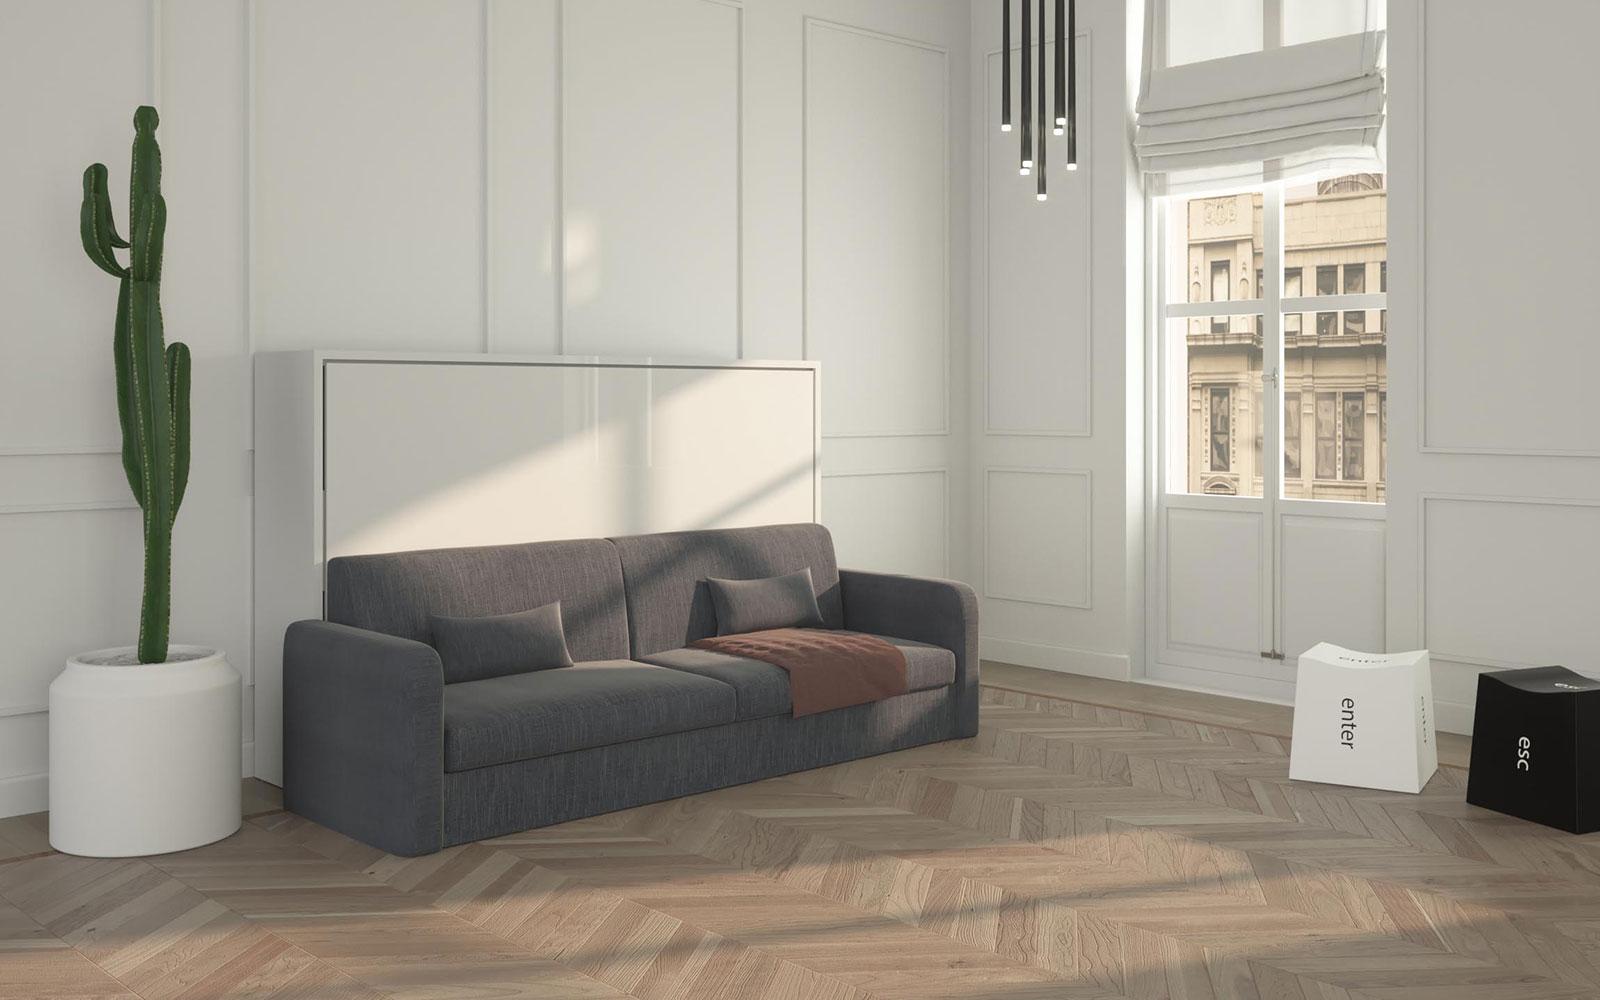 Letto a scomparsa 1 piazza e 1 2 orizzontale con divano for Divano quattro posti